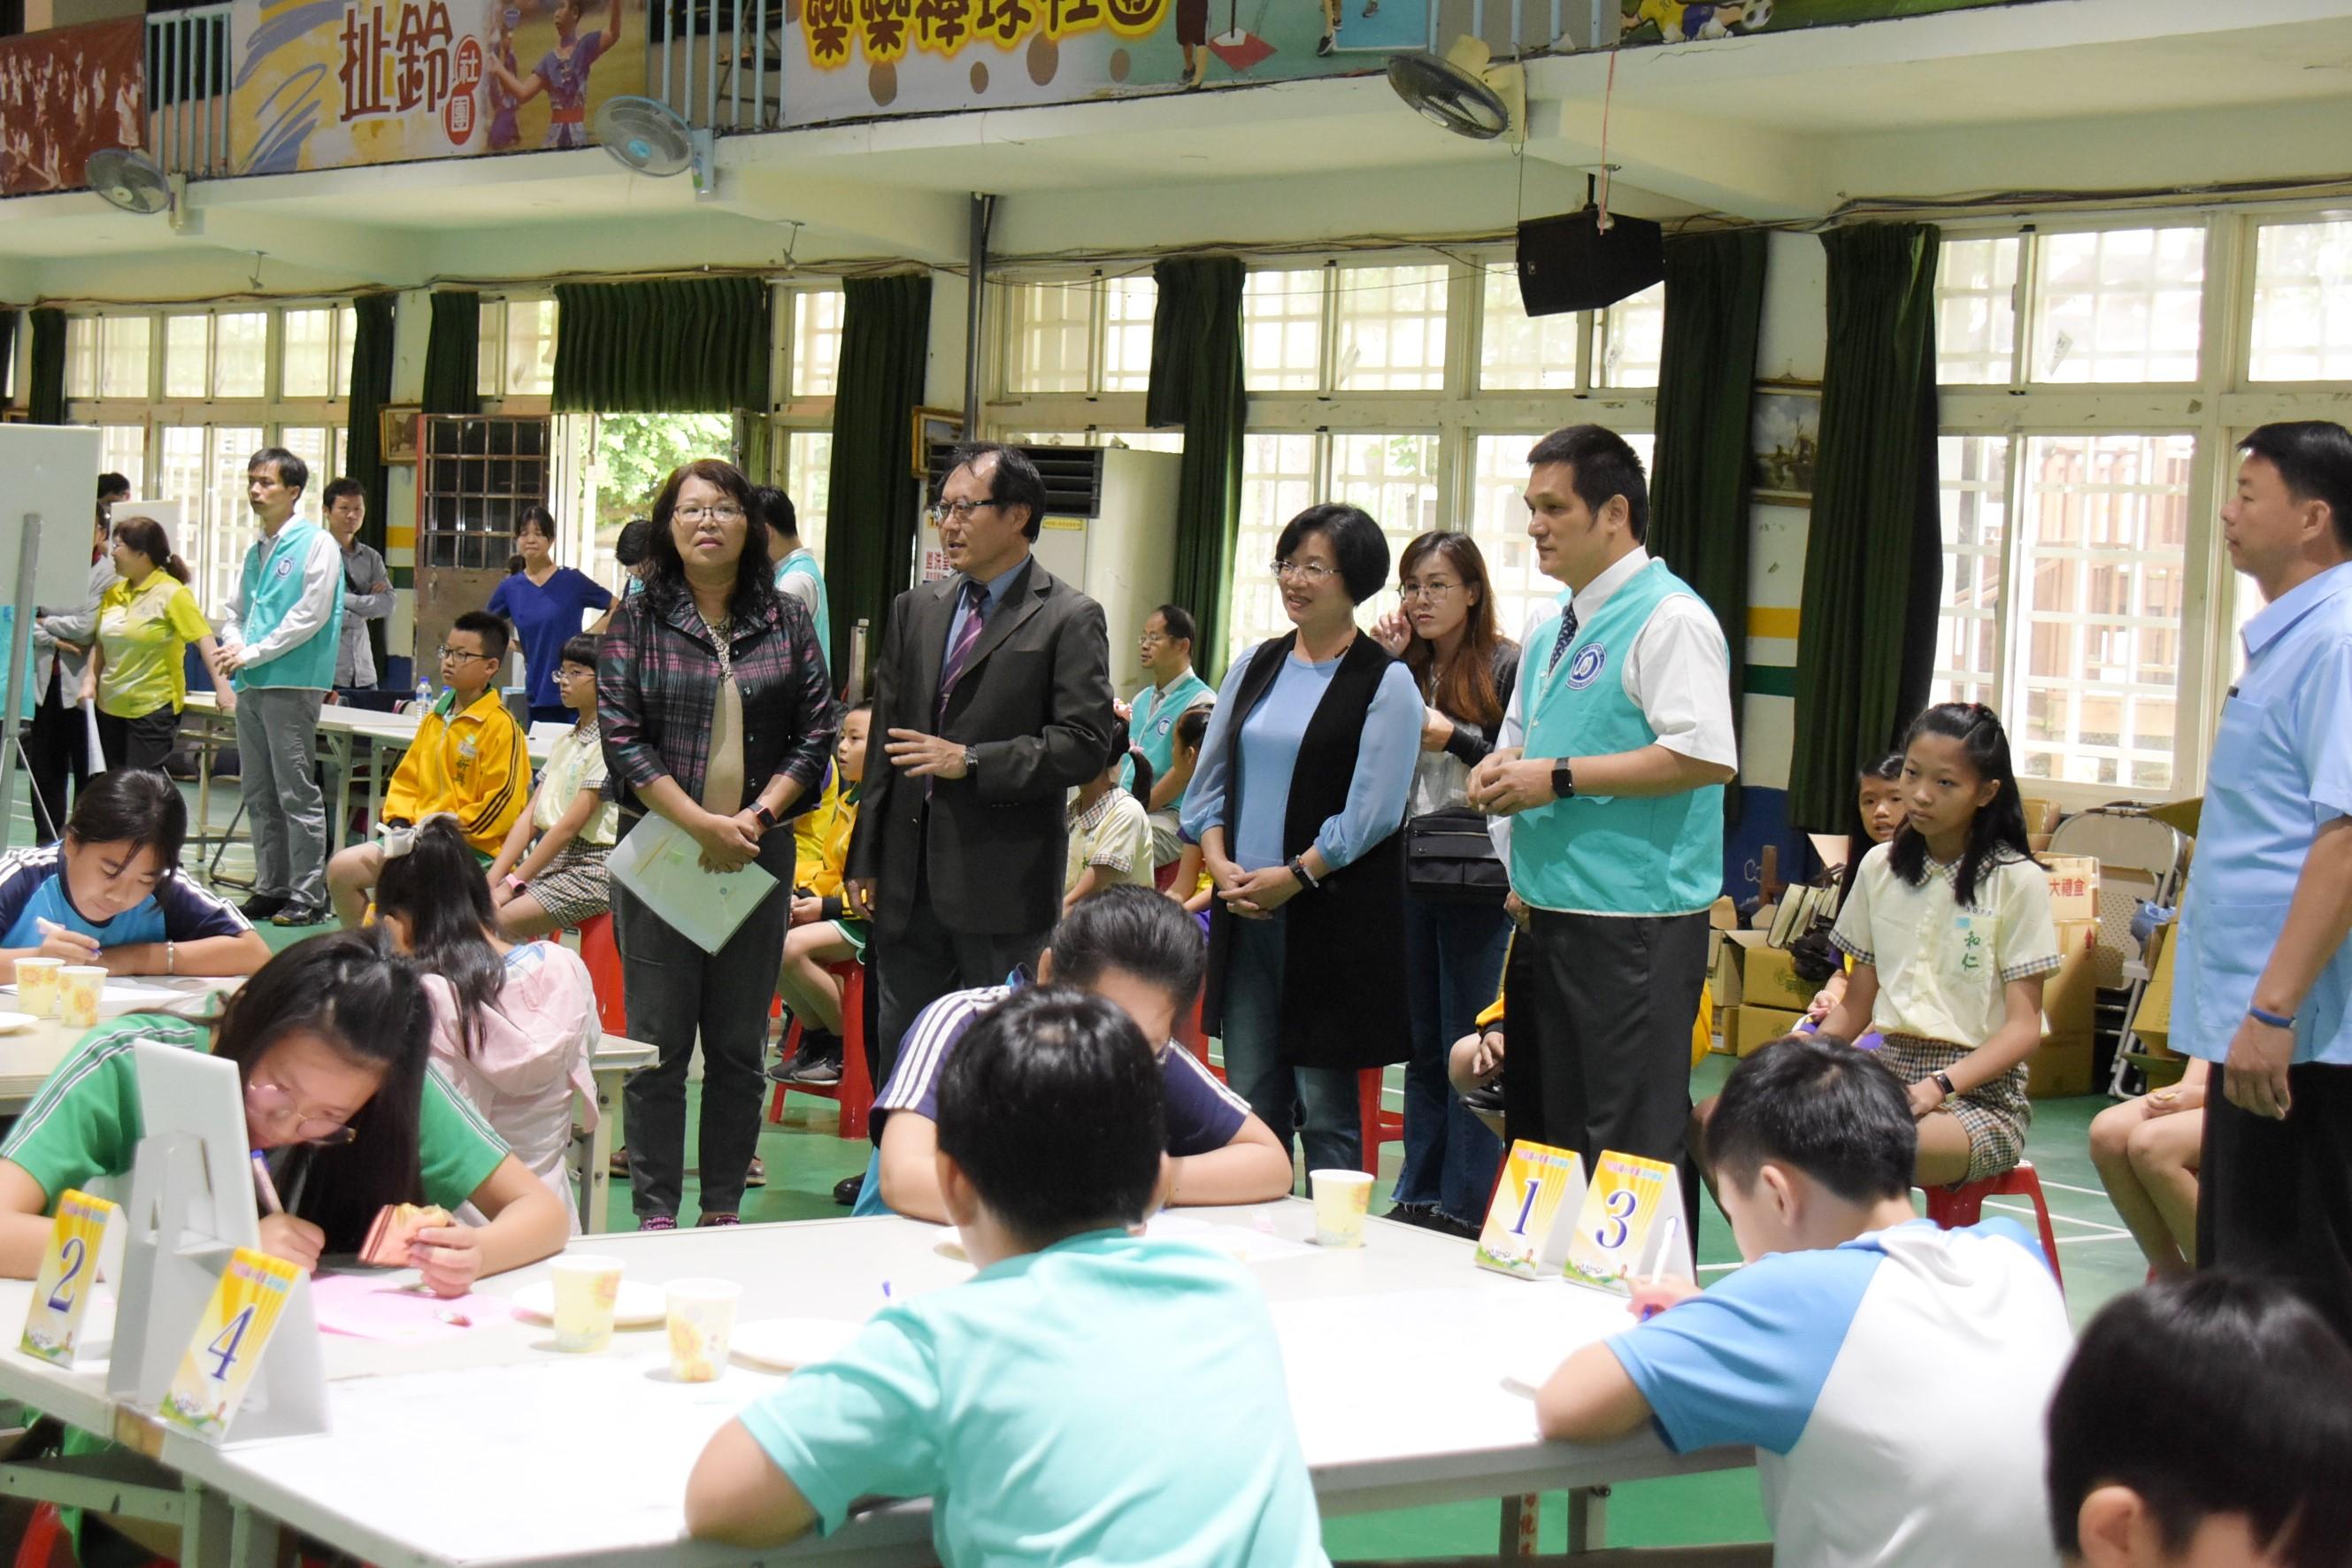 好消息!彰化縣推動健康促進學校計畫 再度榮獲全國特優